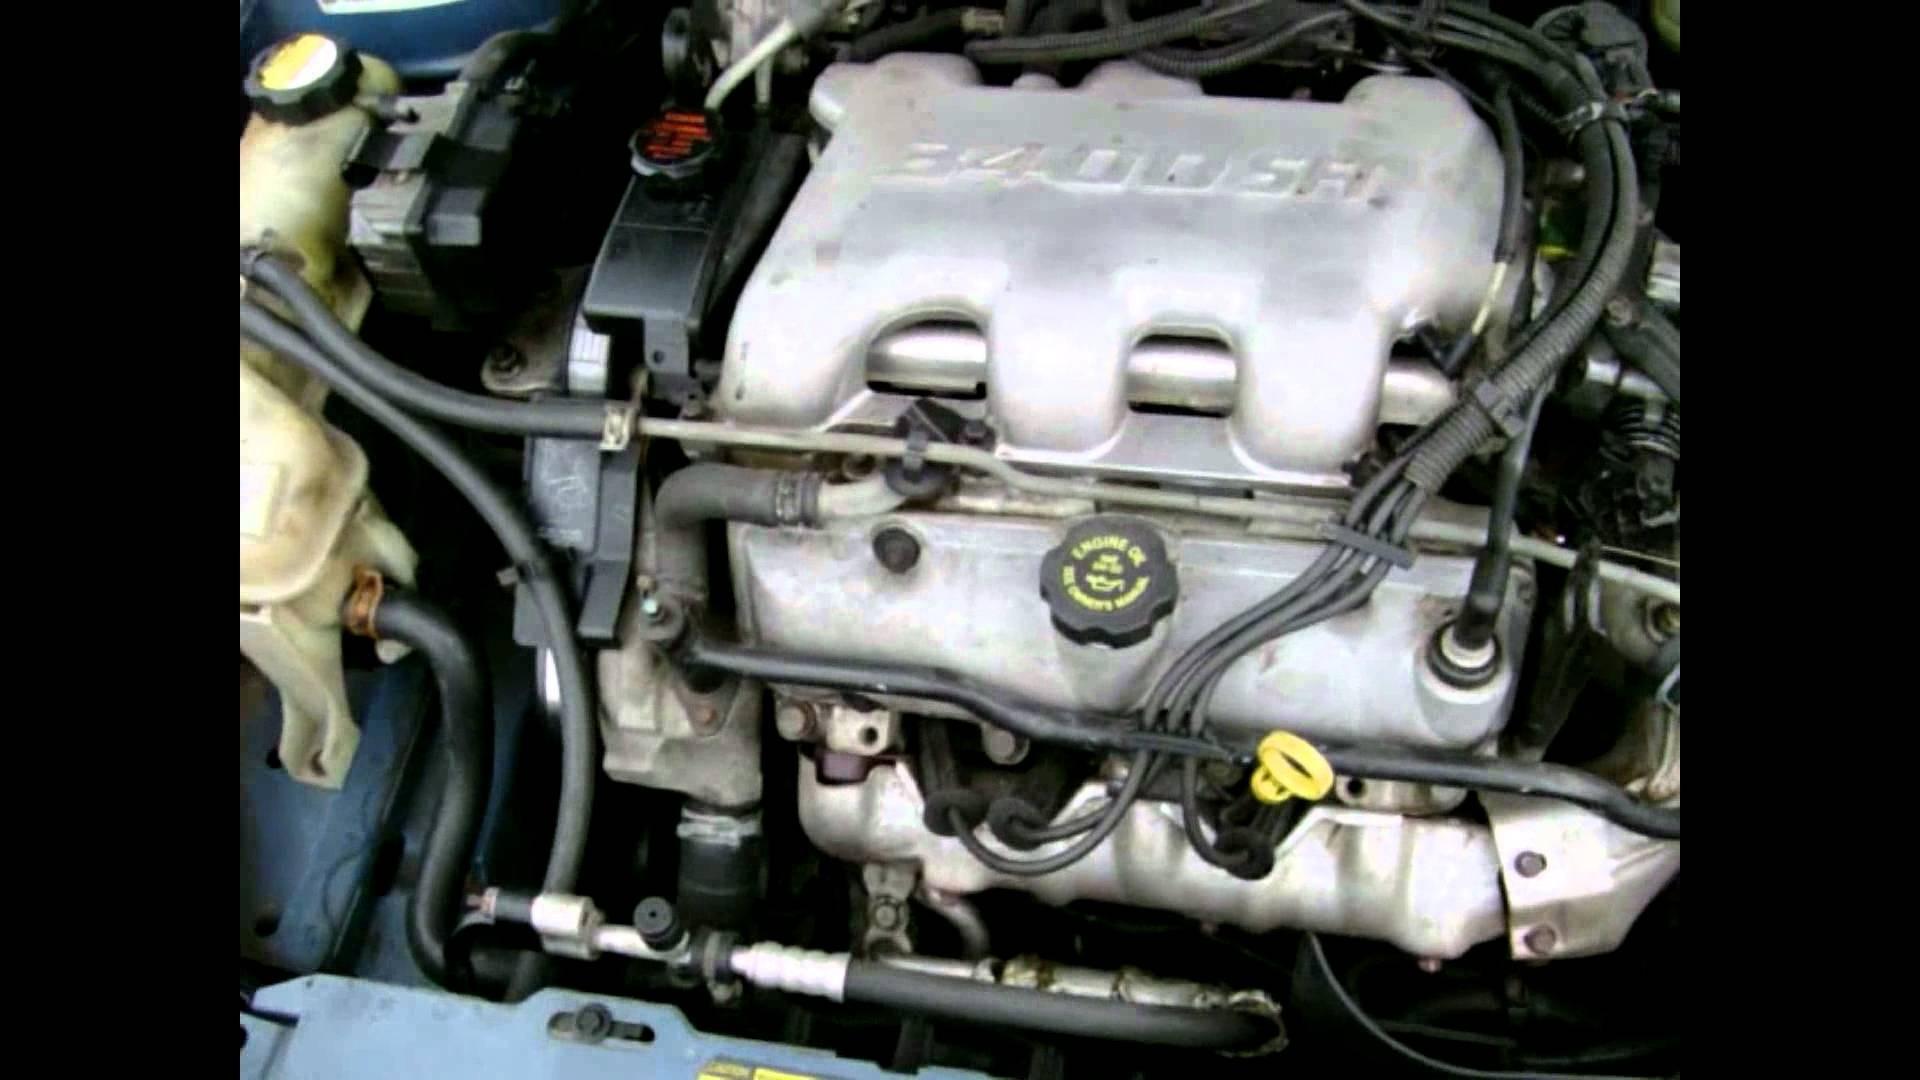 [SCHEMATICS_48ZD]  HW_1250] Gm 3 4L Engine Diagram Download Diagram | Gm 3 4l V6 Engine Firing Diagram |  | Seve Chro Carn Emba Mohammedshrine Librar Wiring 101